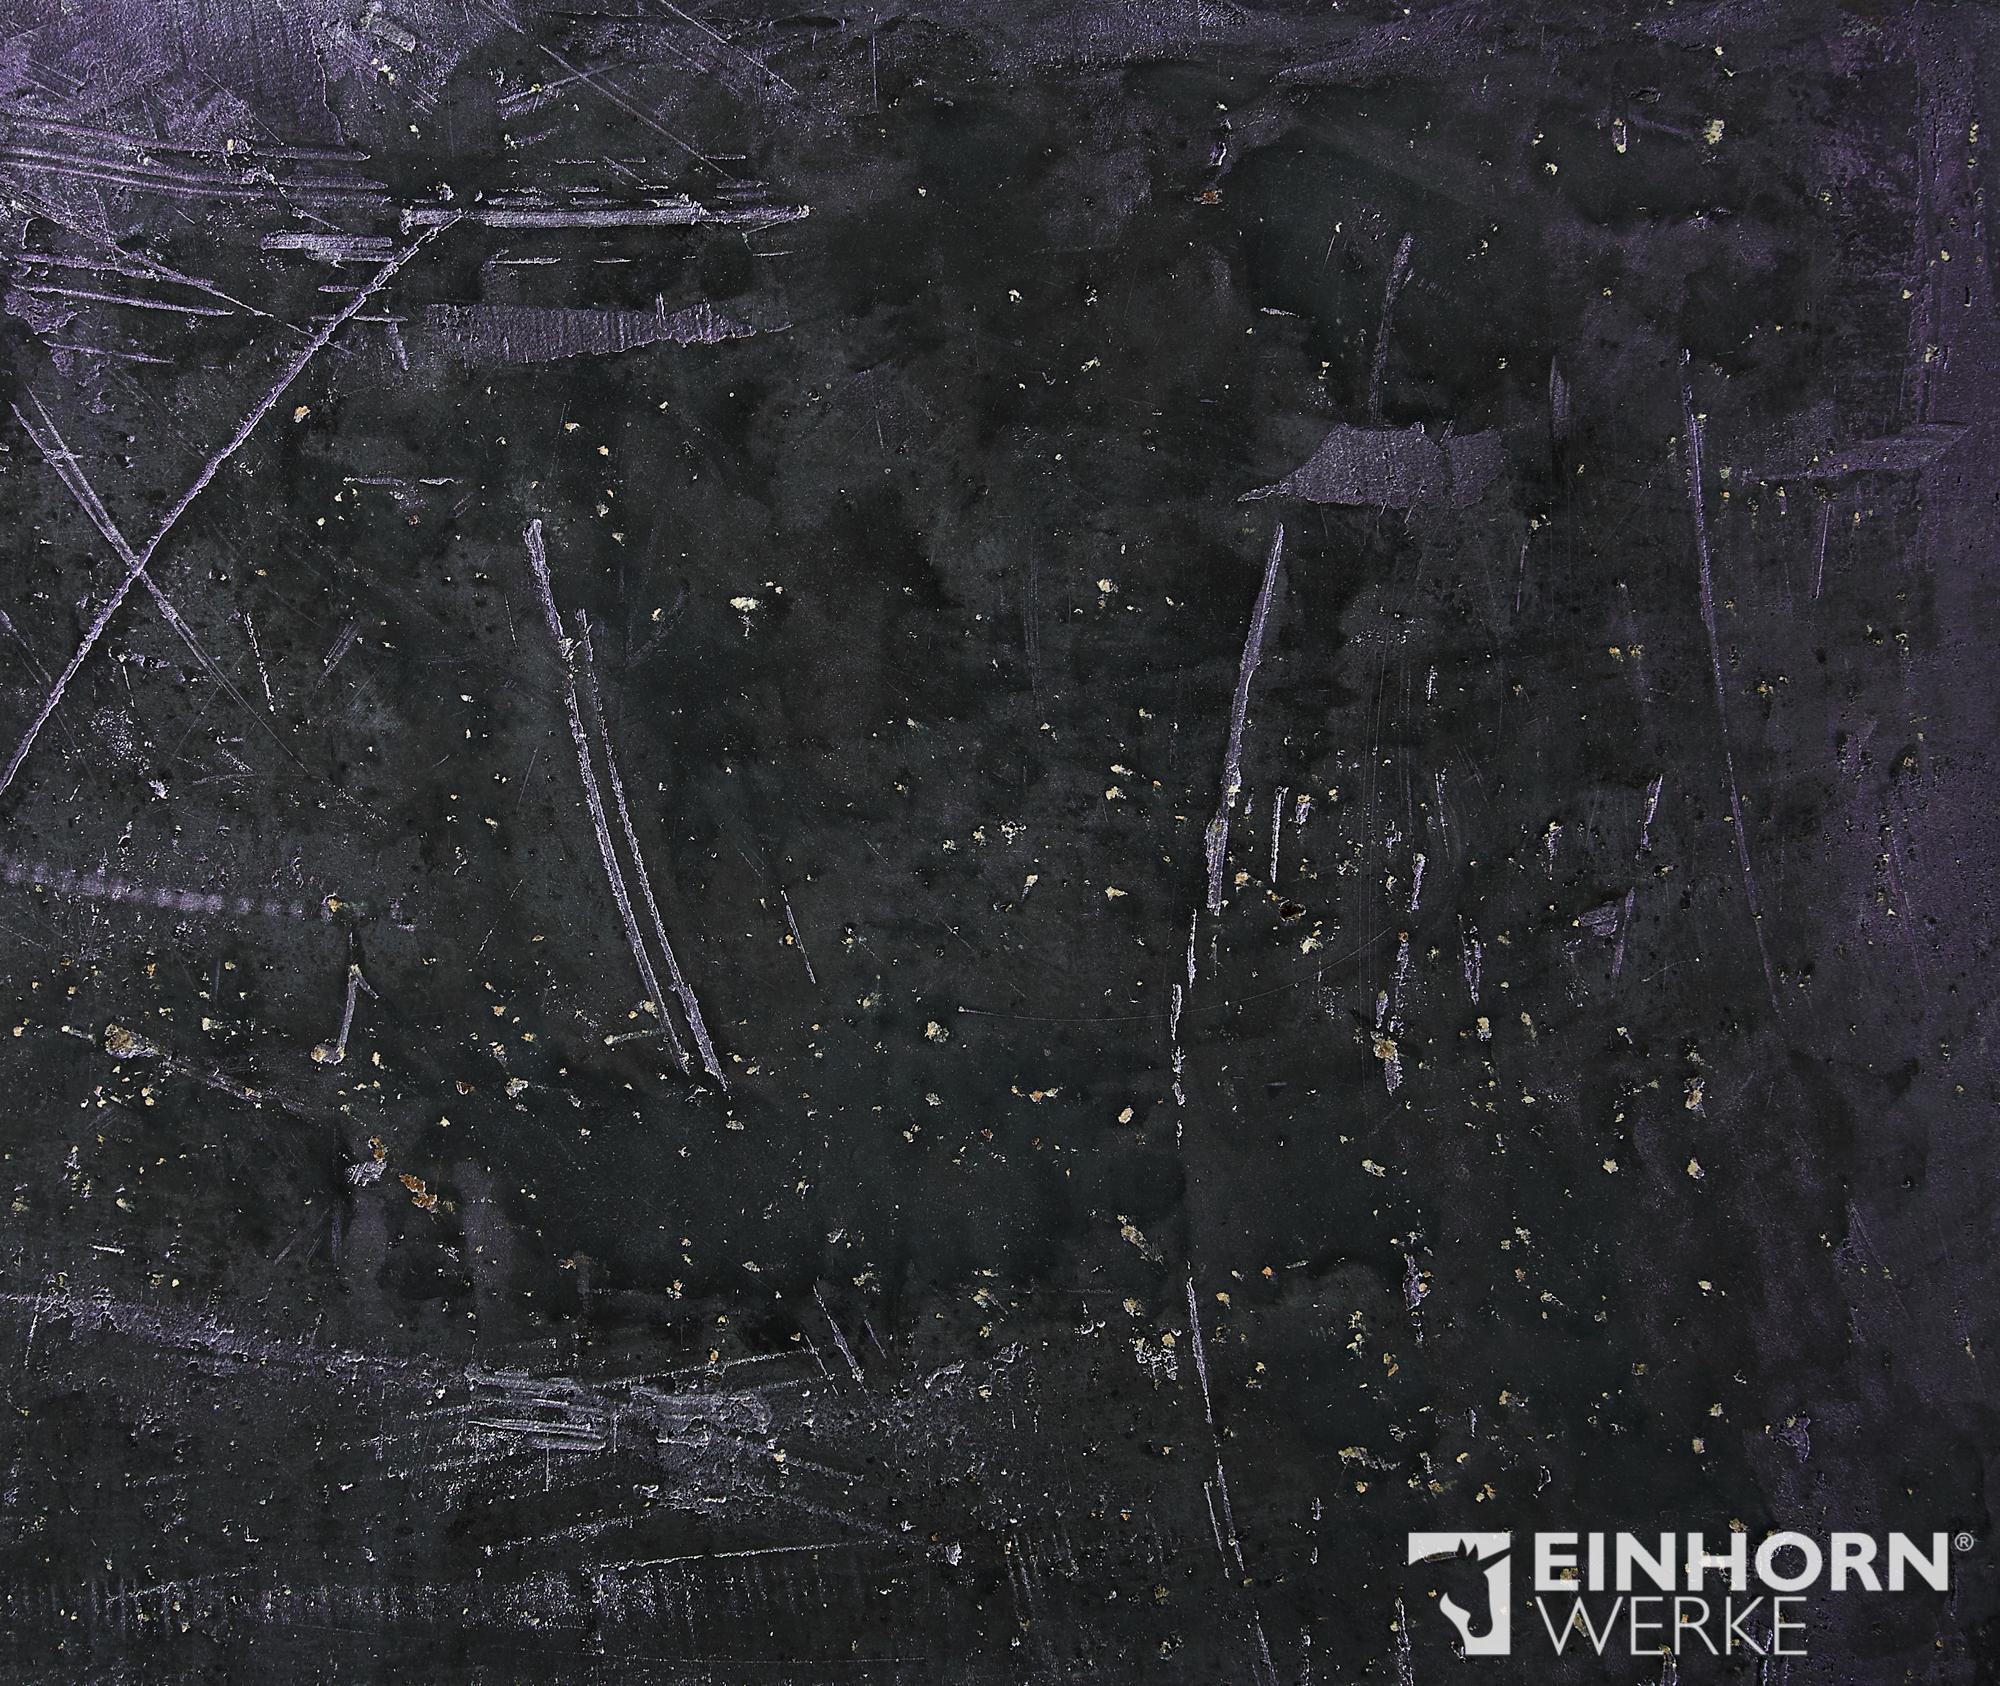 STUCCORINO 0907+ Goldglimmer fein+ STUCCORINO Amethyst + EINHORN WERKE® Wand- & Bodenöl plus - exklusive Wandgestaltungen, Marmorputz, schöne Wände, Wohnzimmer, Hotel